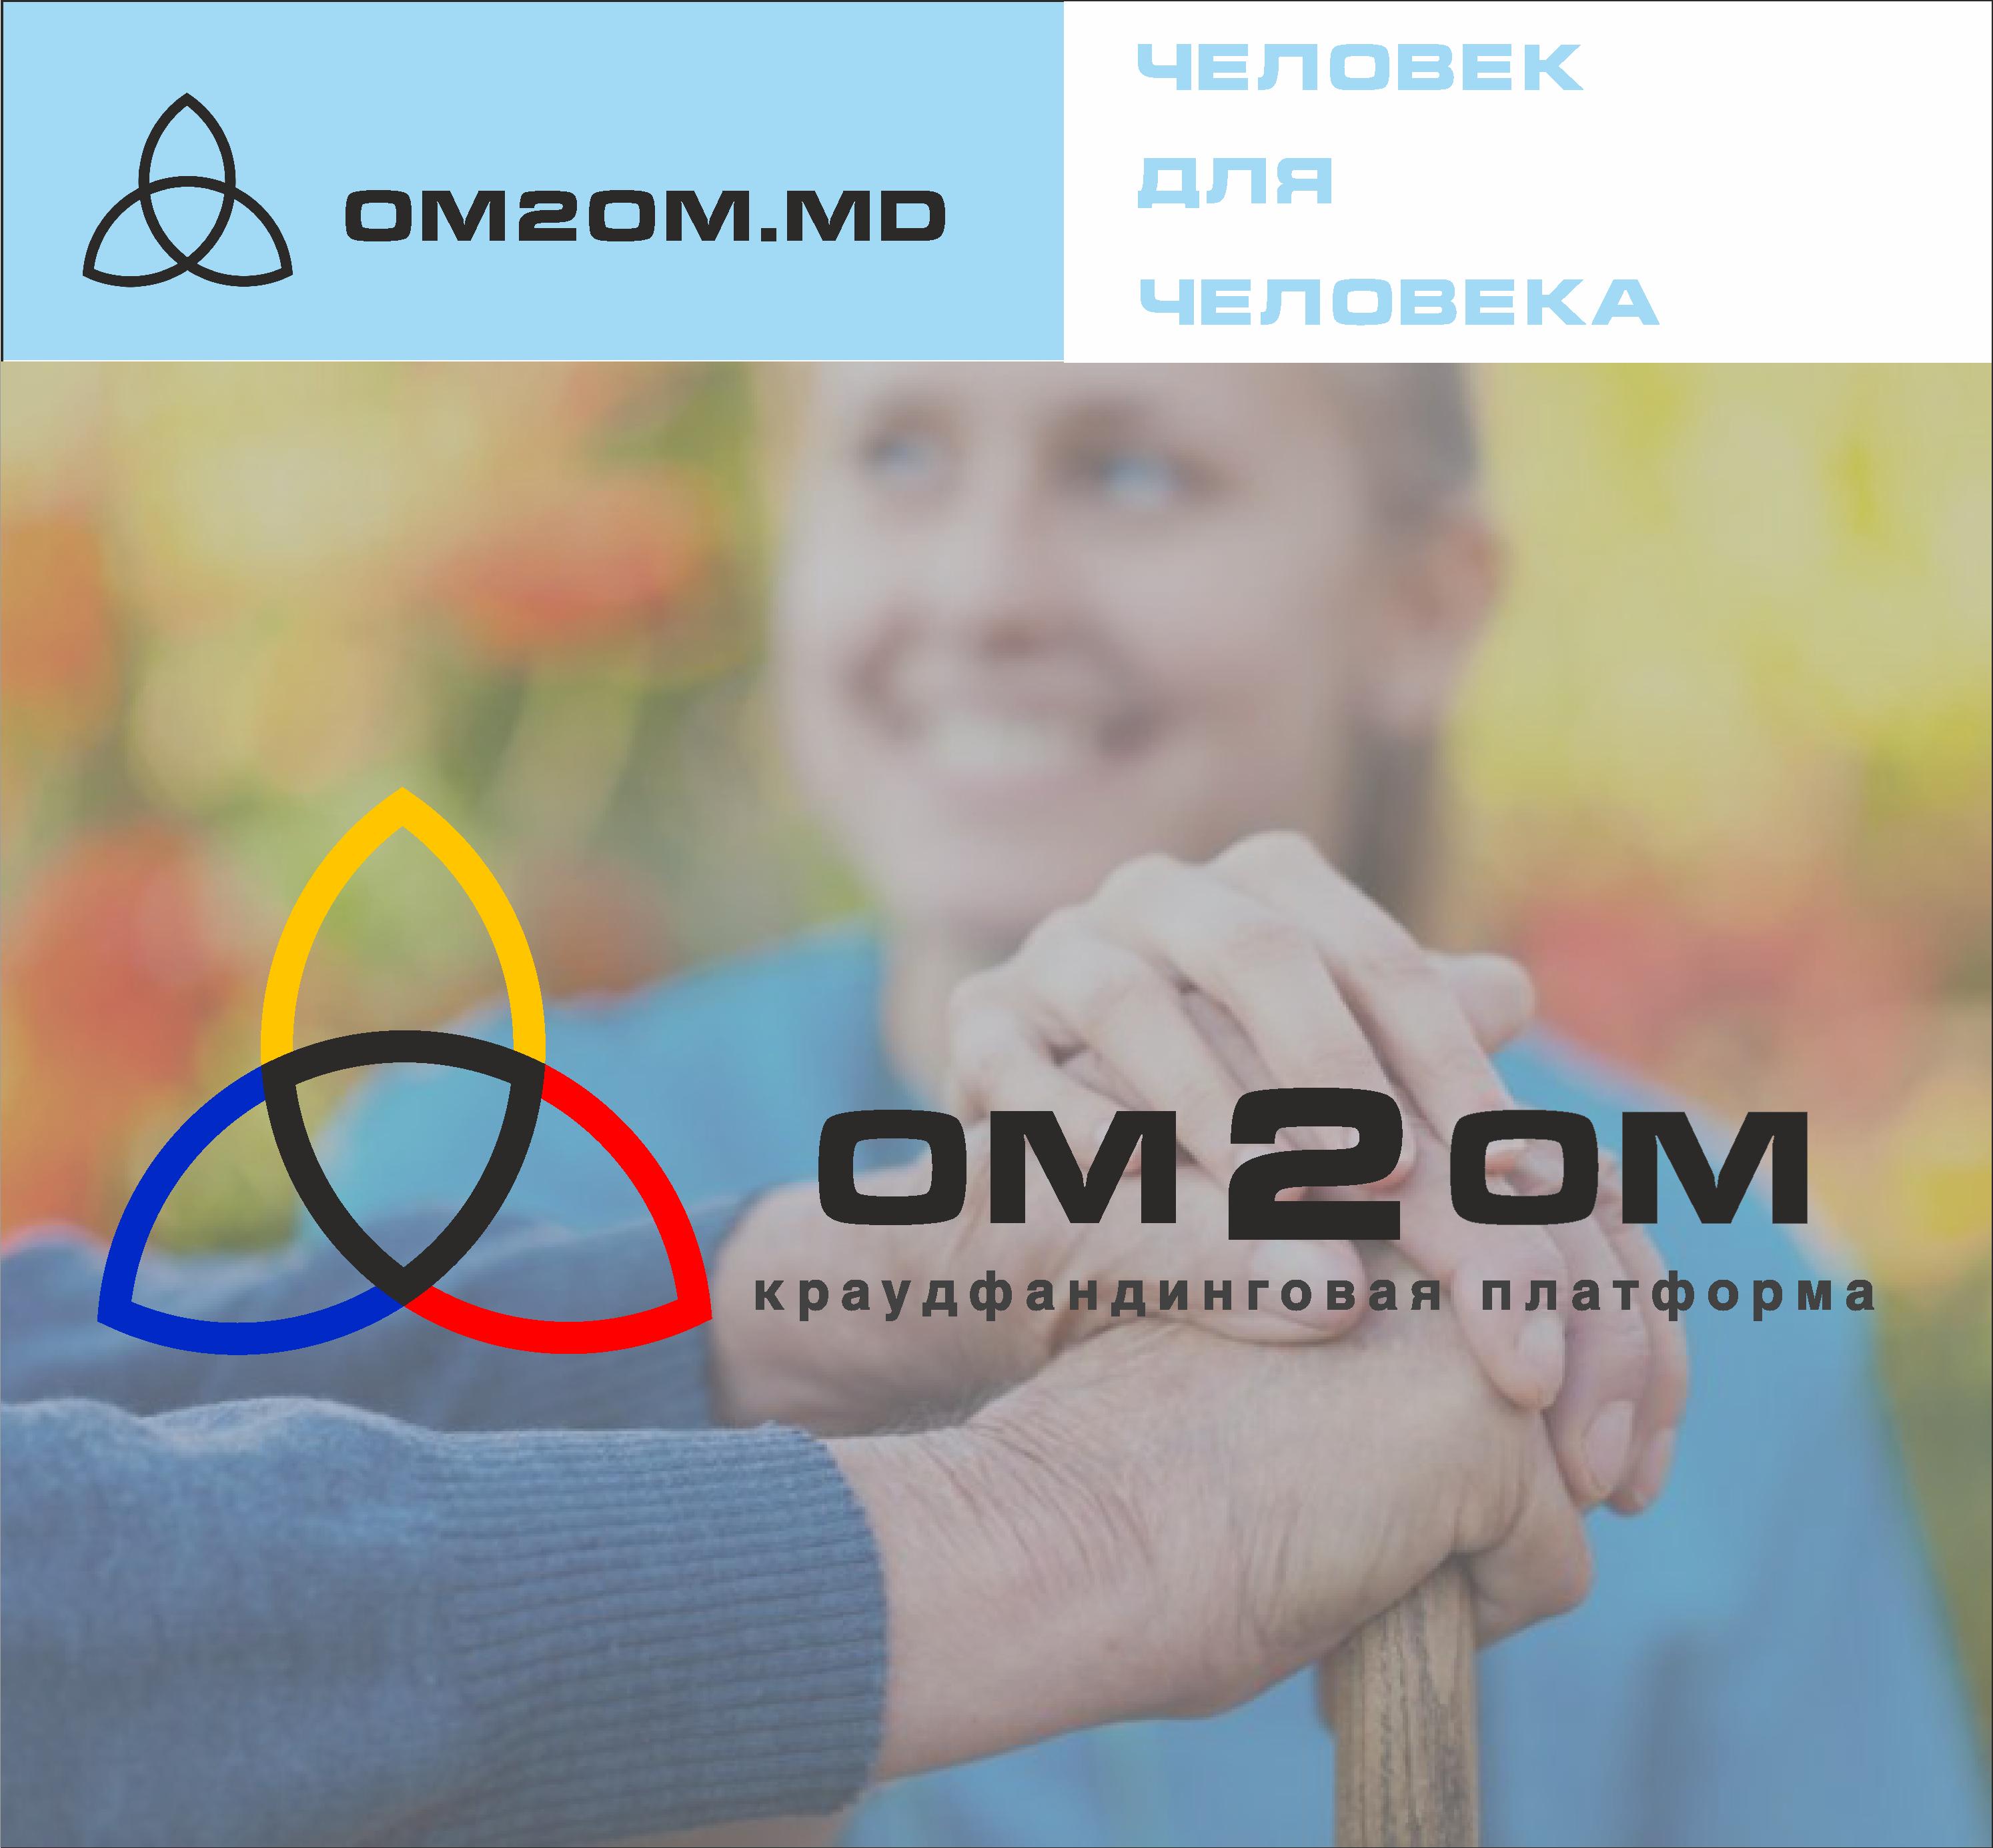 Разработка логотипа для краудфандинговой платформы om2om.md фото f_0435f5878147261d.png